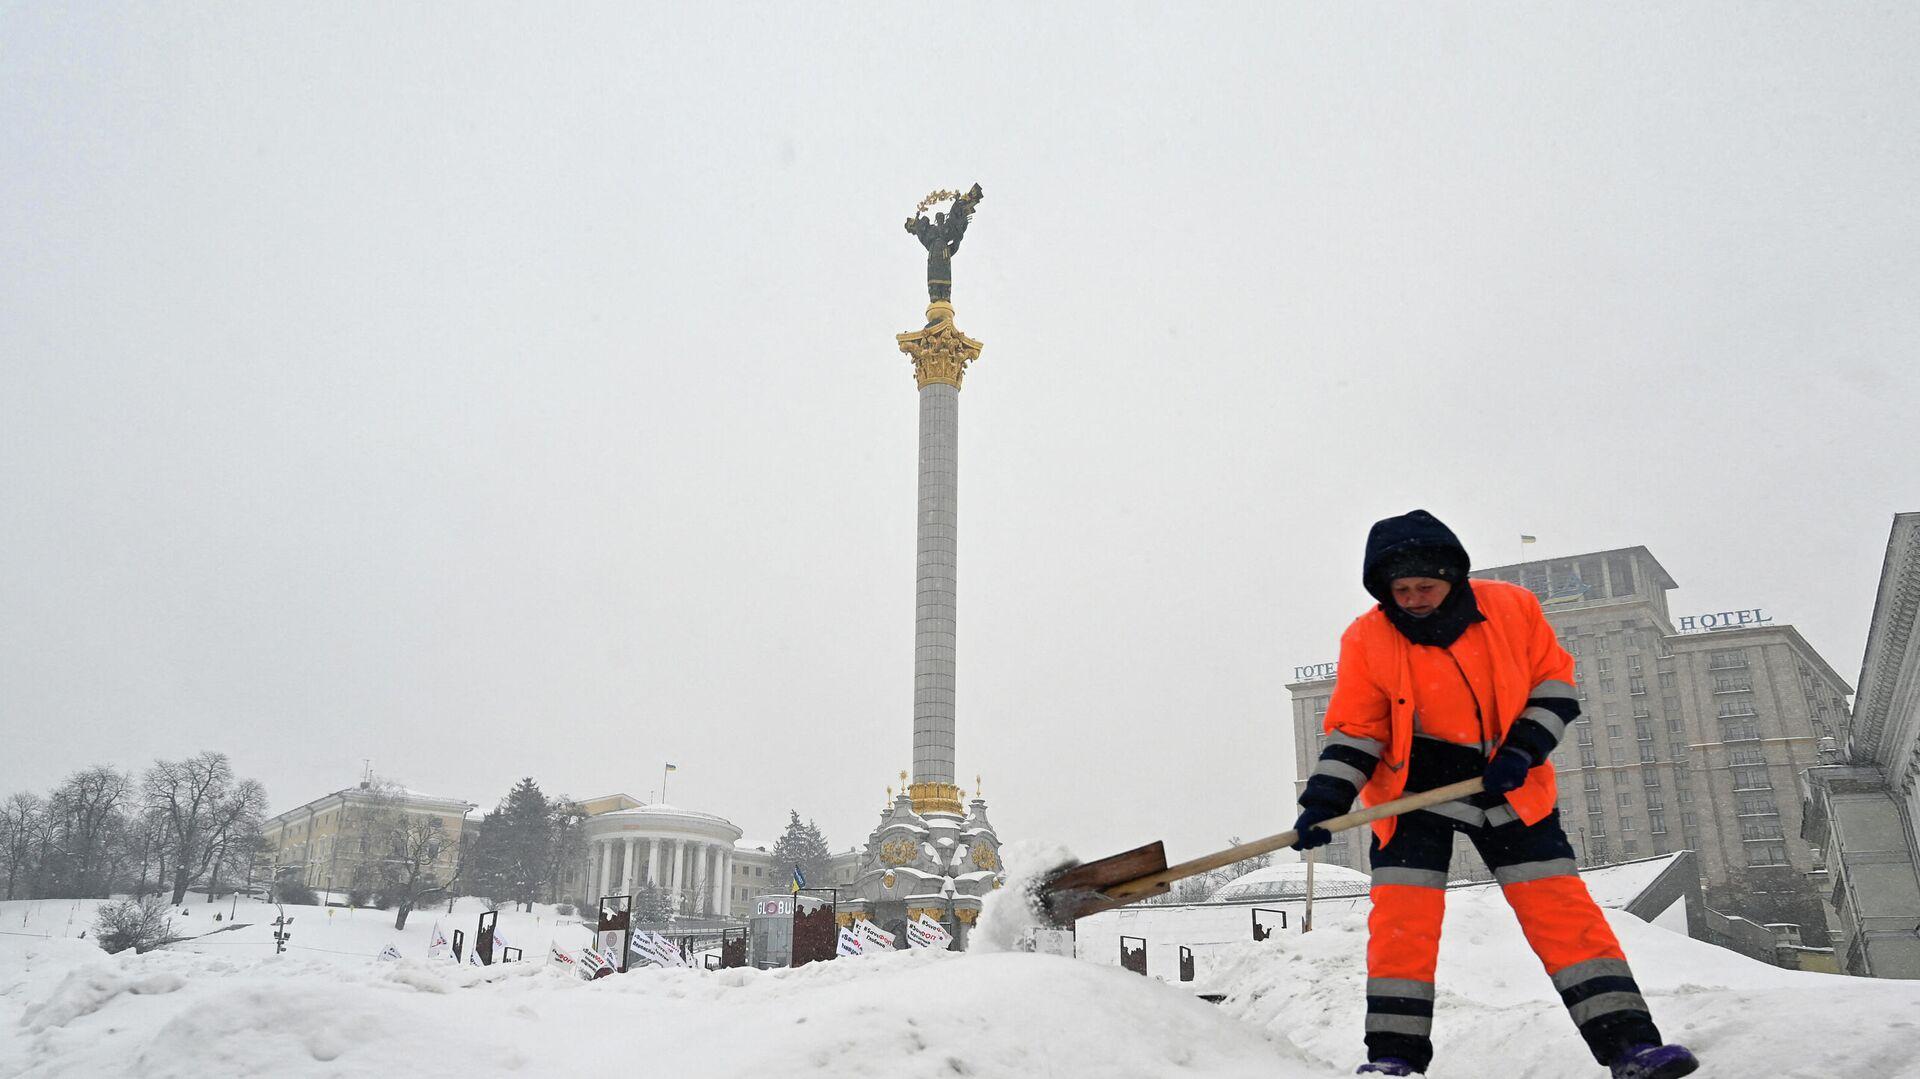 Последствия снегопада в Киеве  - РИА Новости, 1920, 18.02.2021